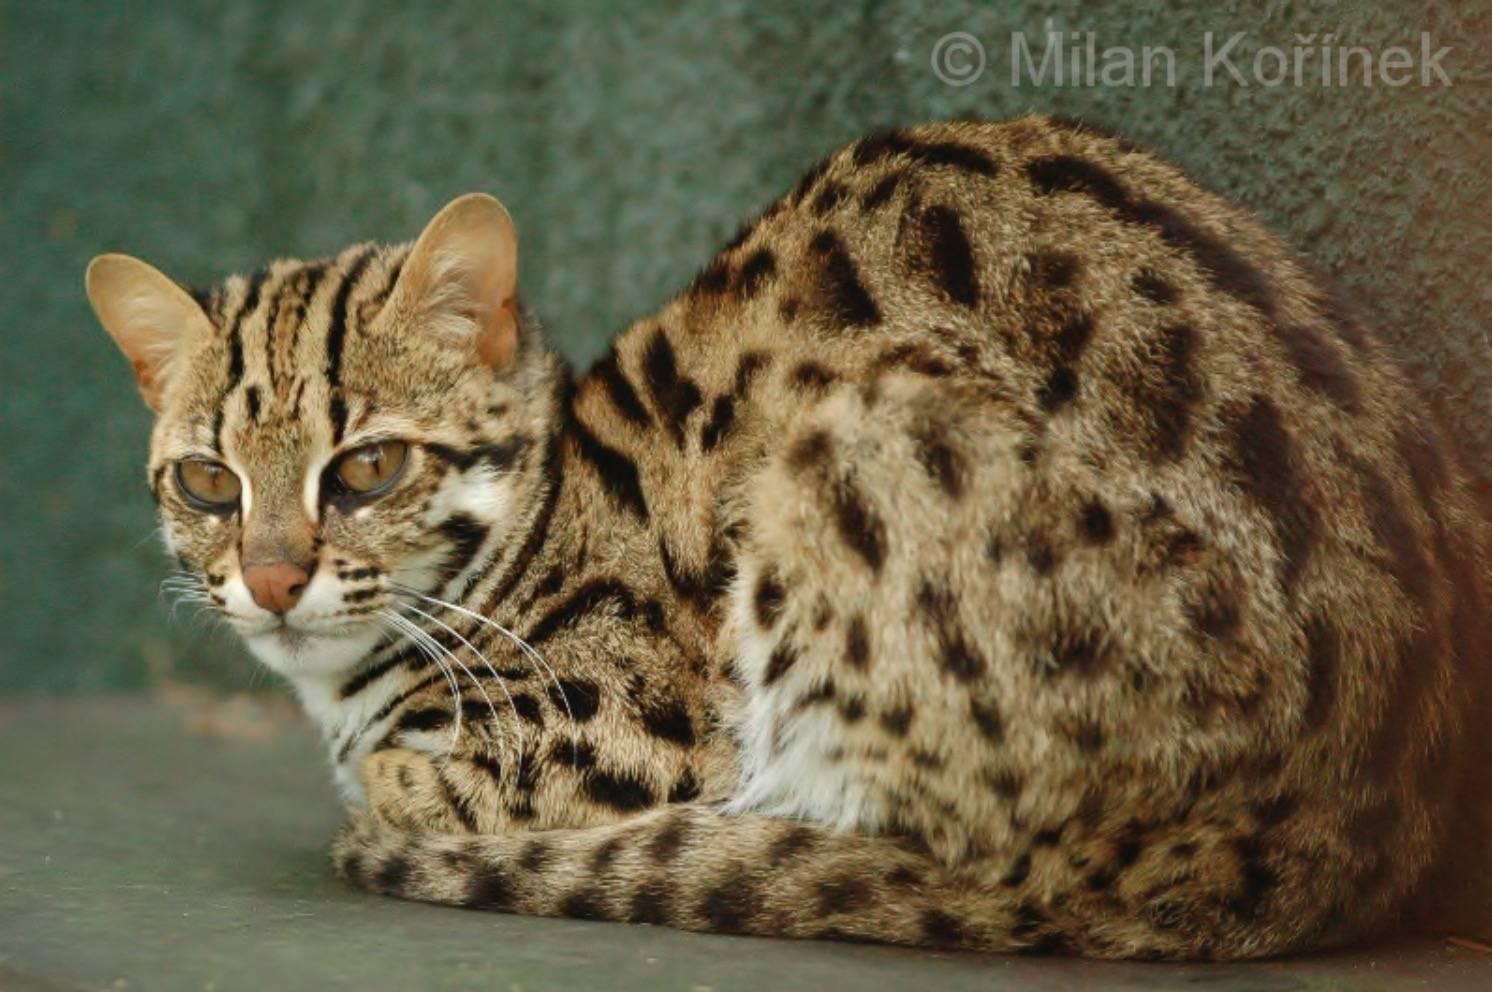 Дикий степной кот: описание внешности, характер, среда обитания и образ жизни, фото